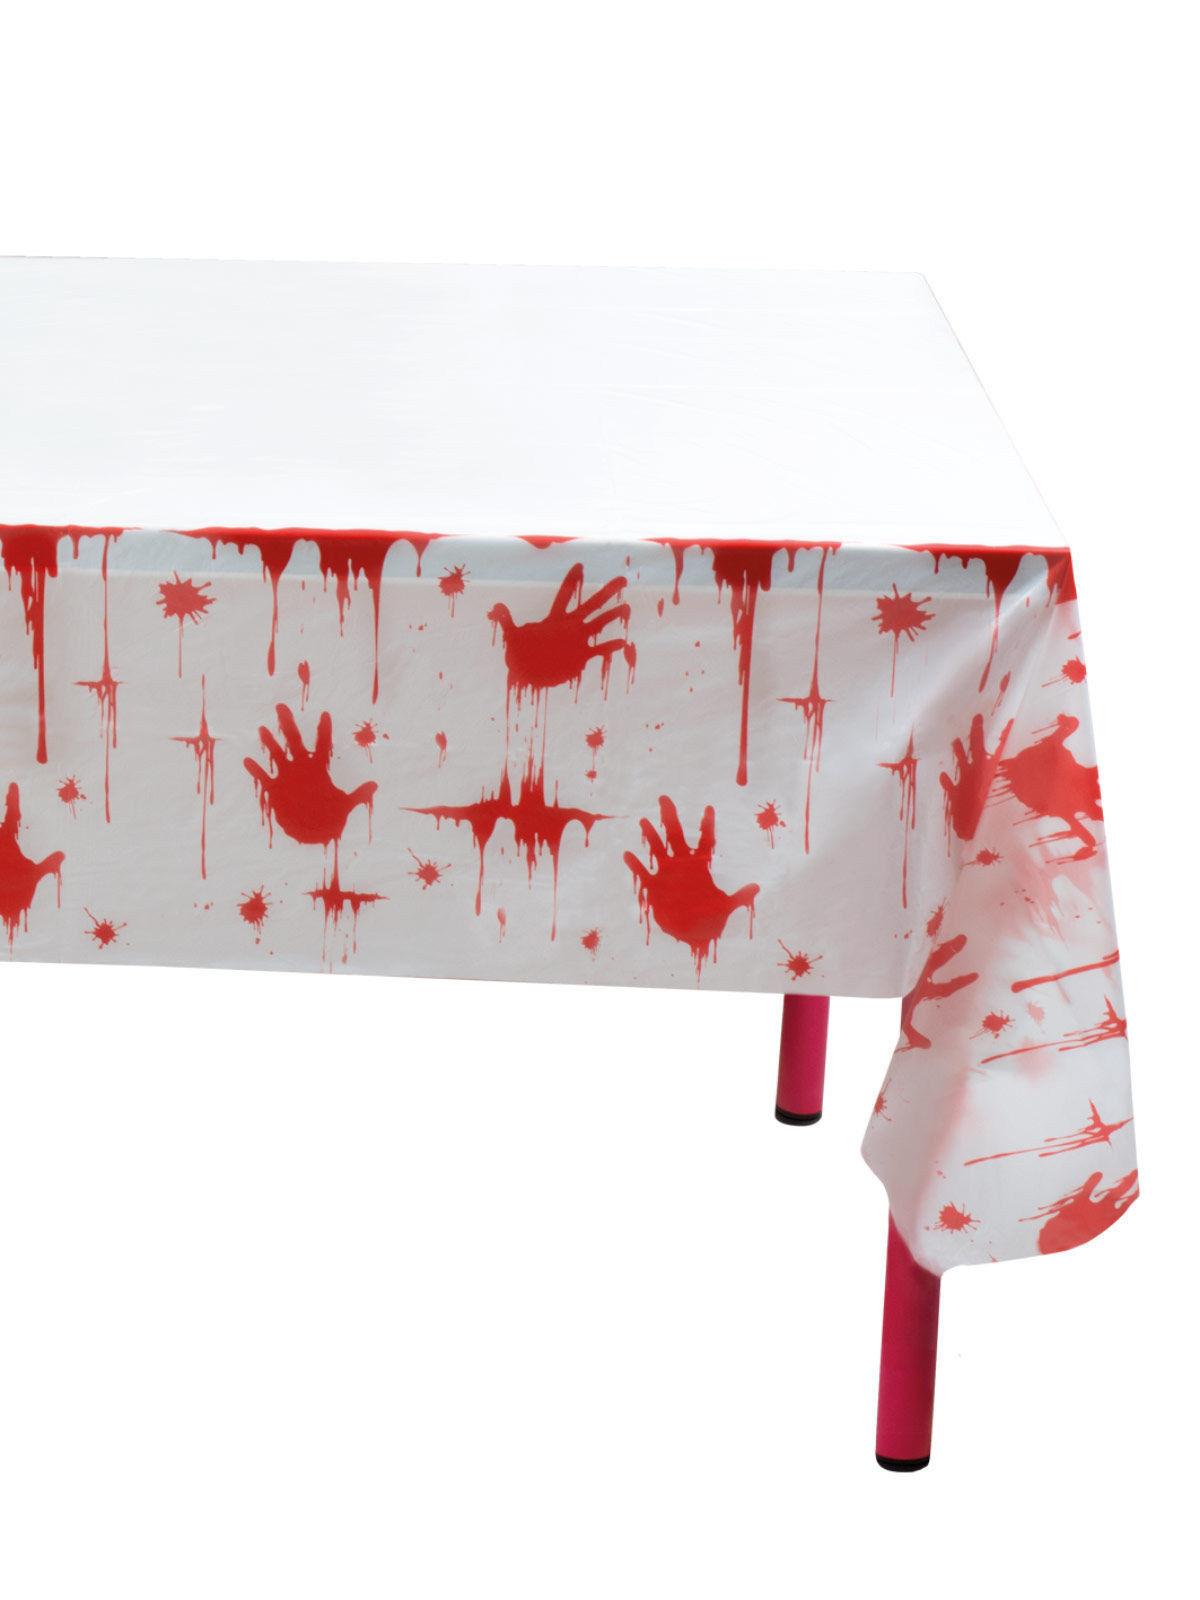 blutige handabdr cke halloween tischdecke 2 st ck weiss rot 135x275cm bundle g nstige. Black Bedroom Furniture Sets. Home Design Ideas